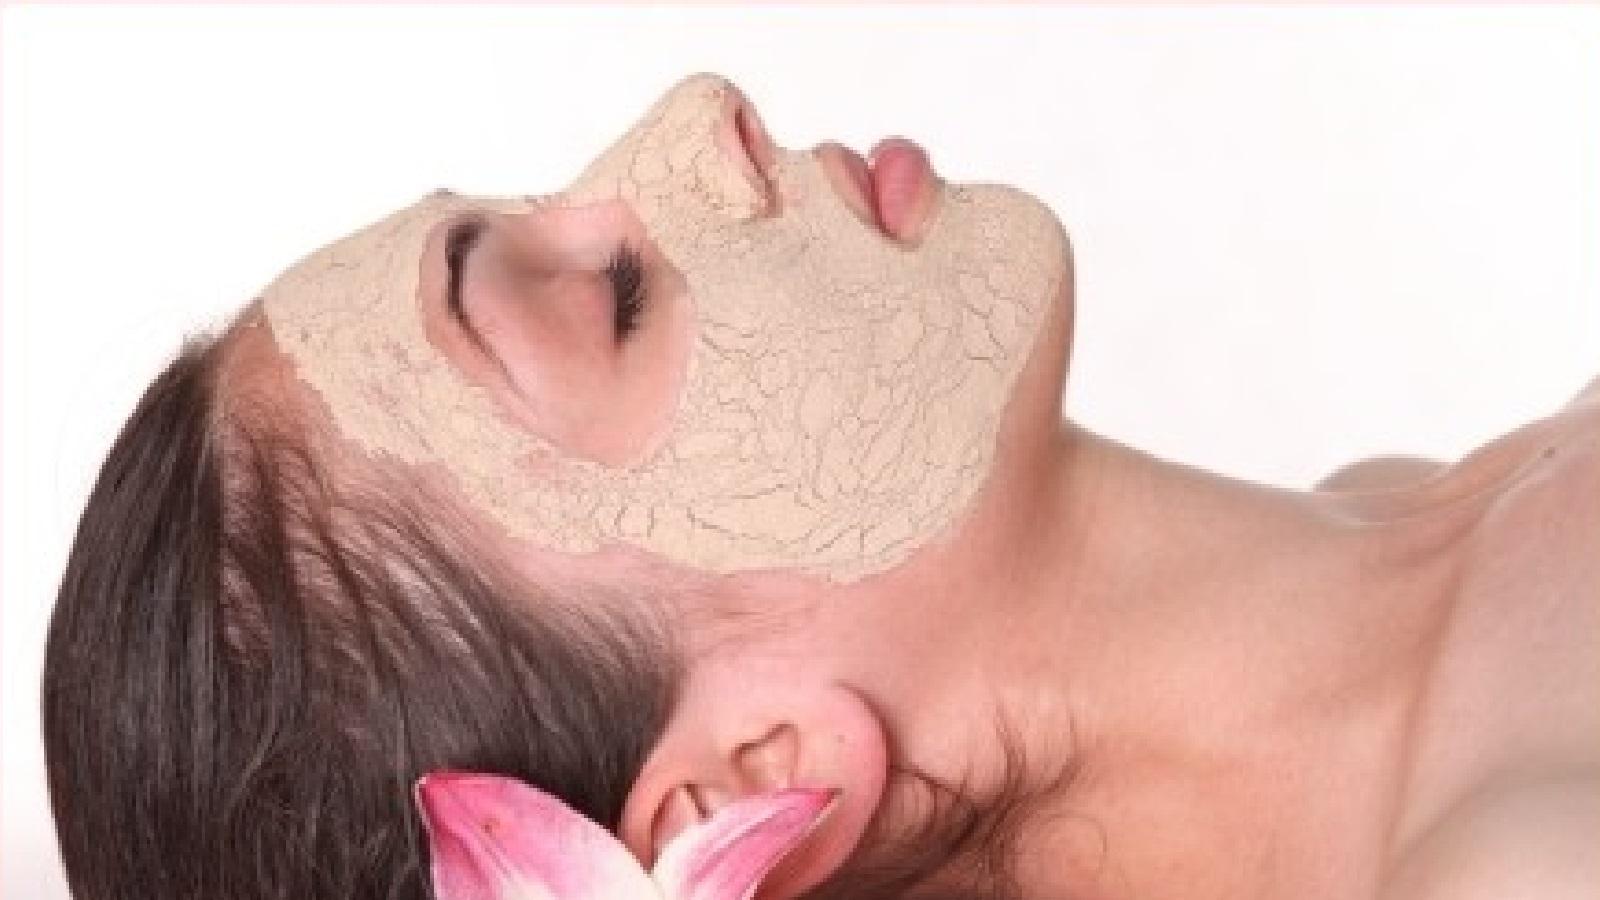 ماسک بلک چه تاثیری روی پوست دارد Уход за кожей: маска с пивными дрожжами, уход за лицом Cerdca.com